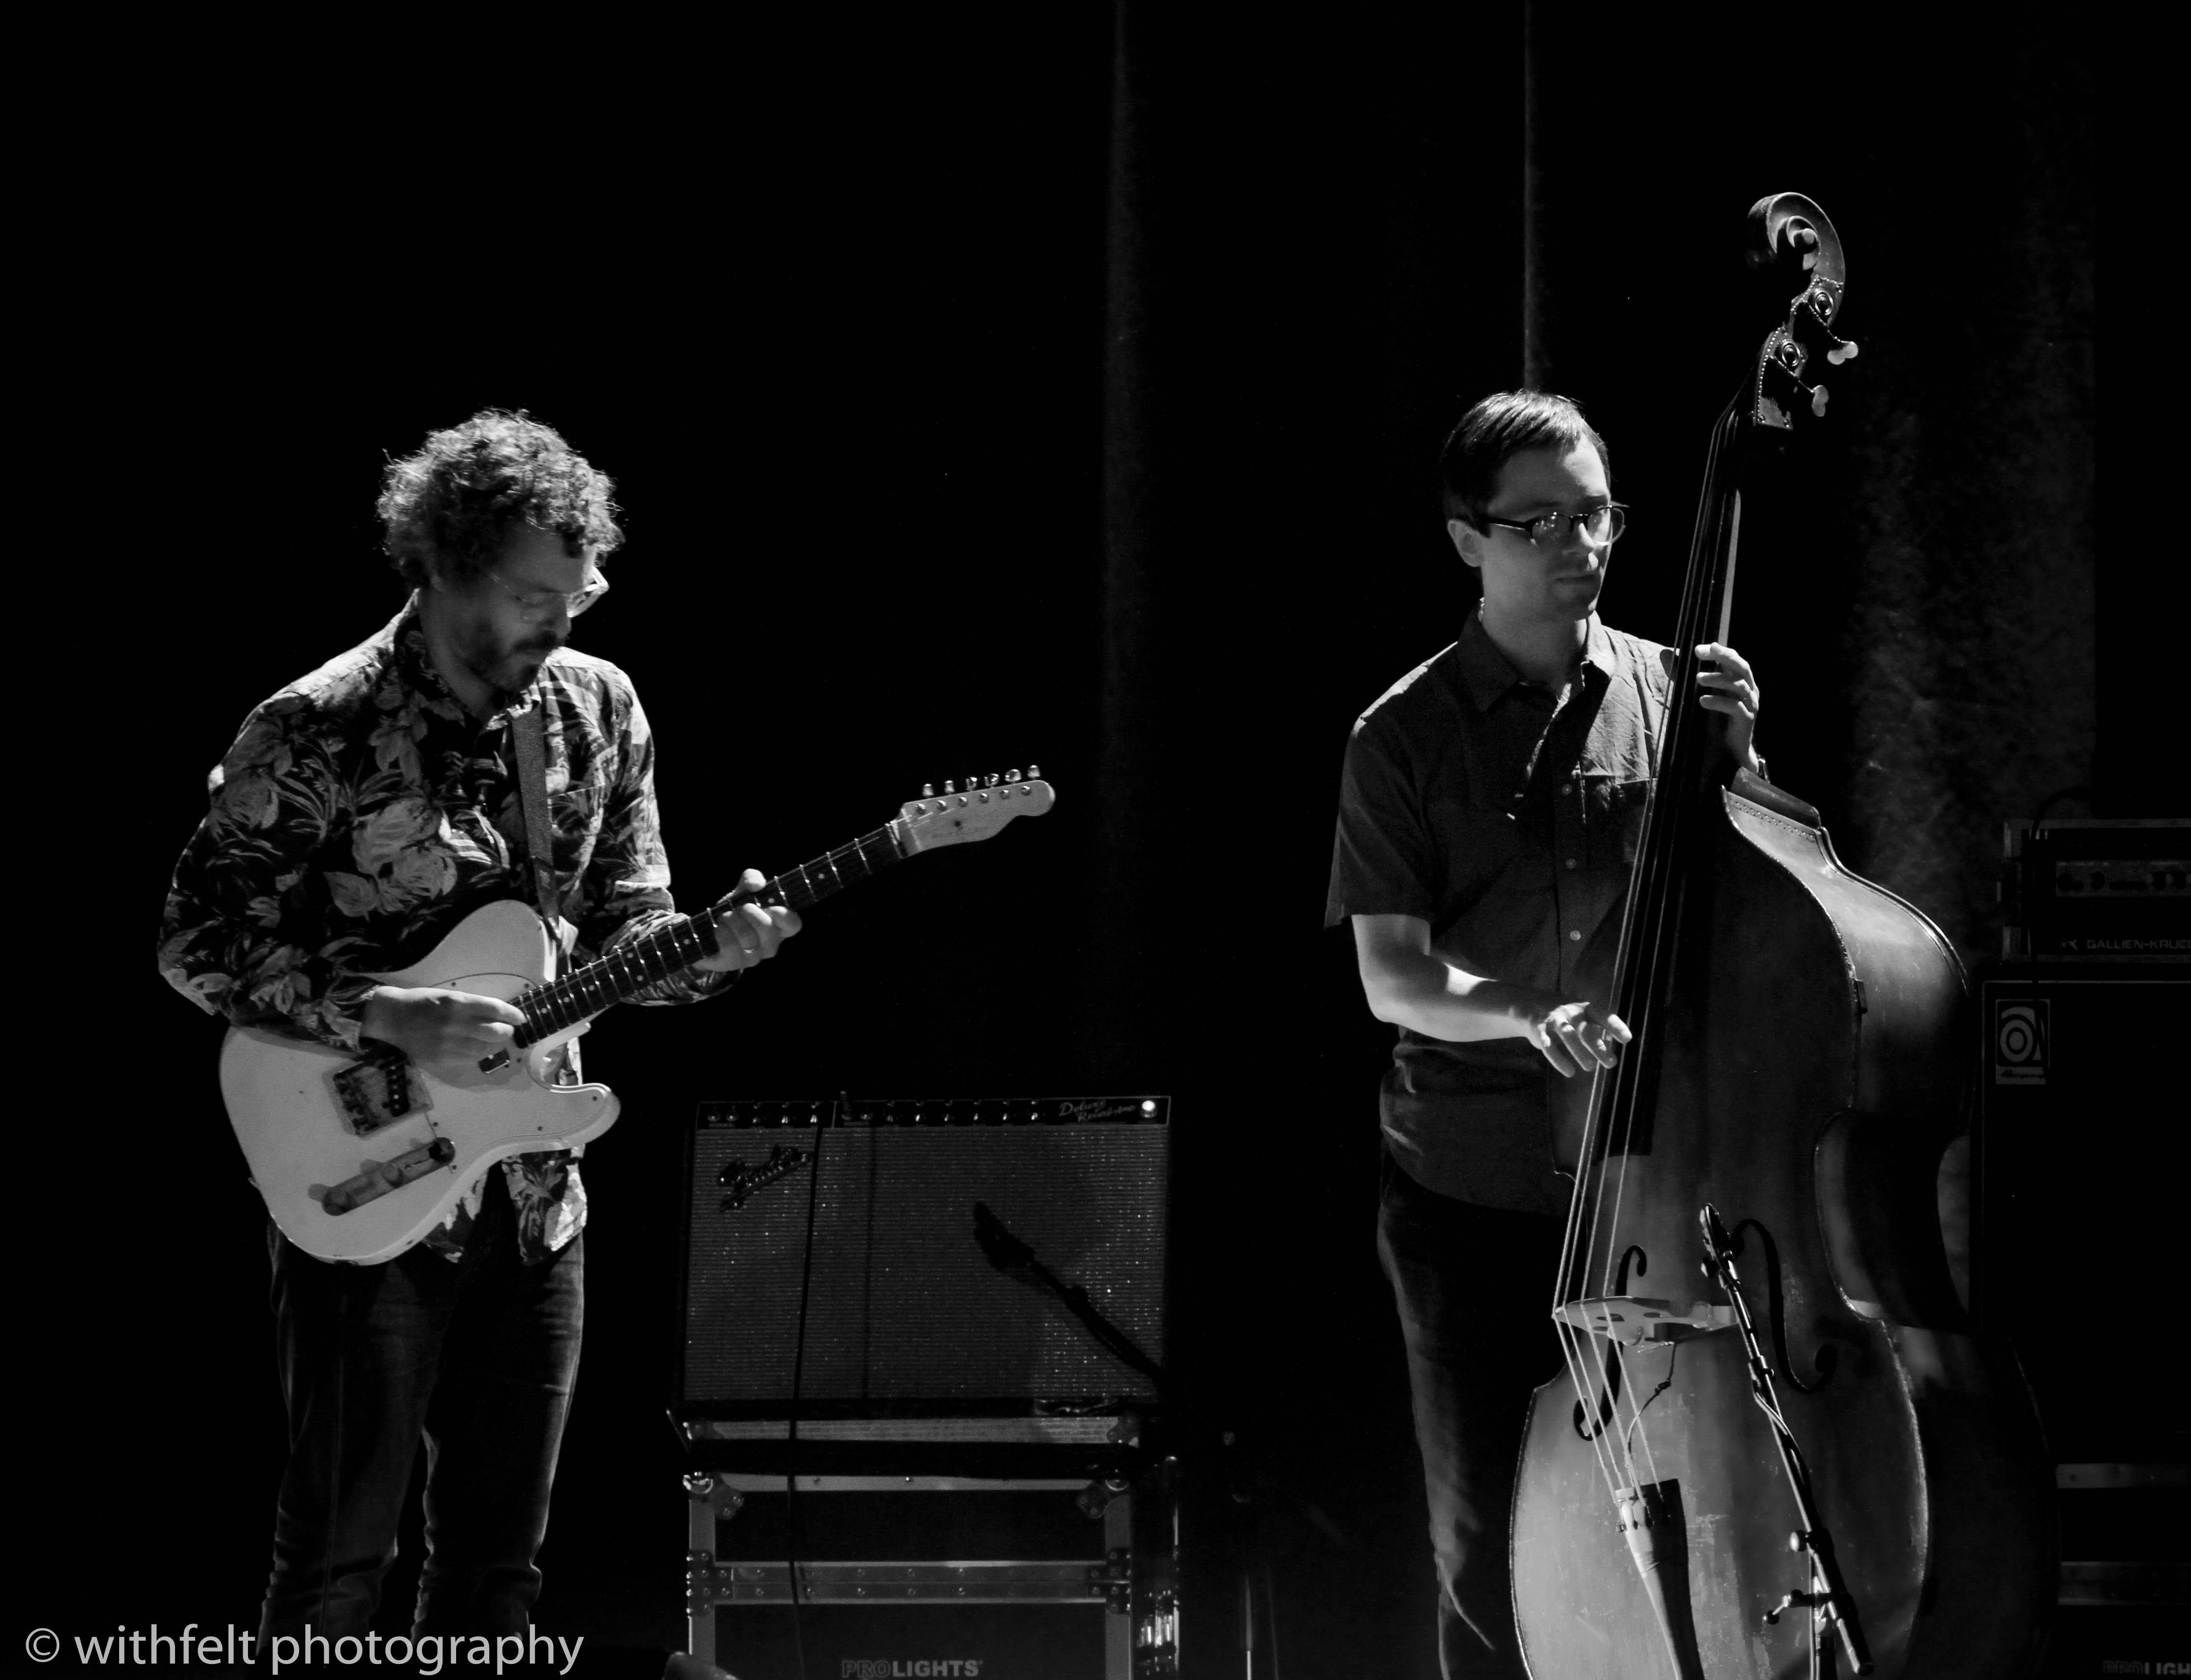 Jakob Bro and Thomas Morgan at Copenhagen Jazz Festival 2018